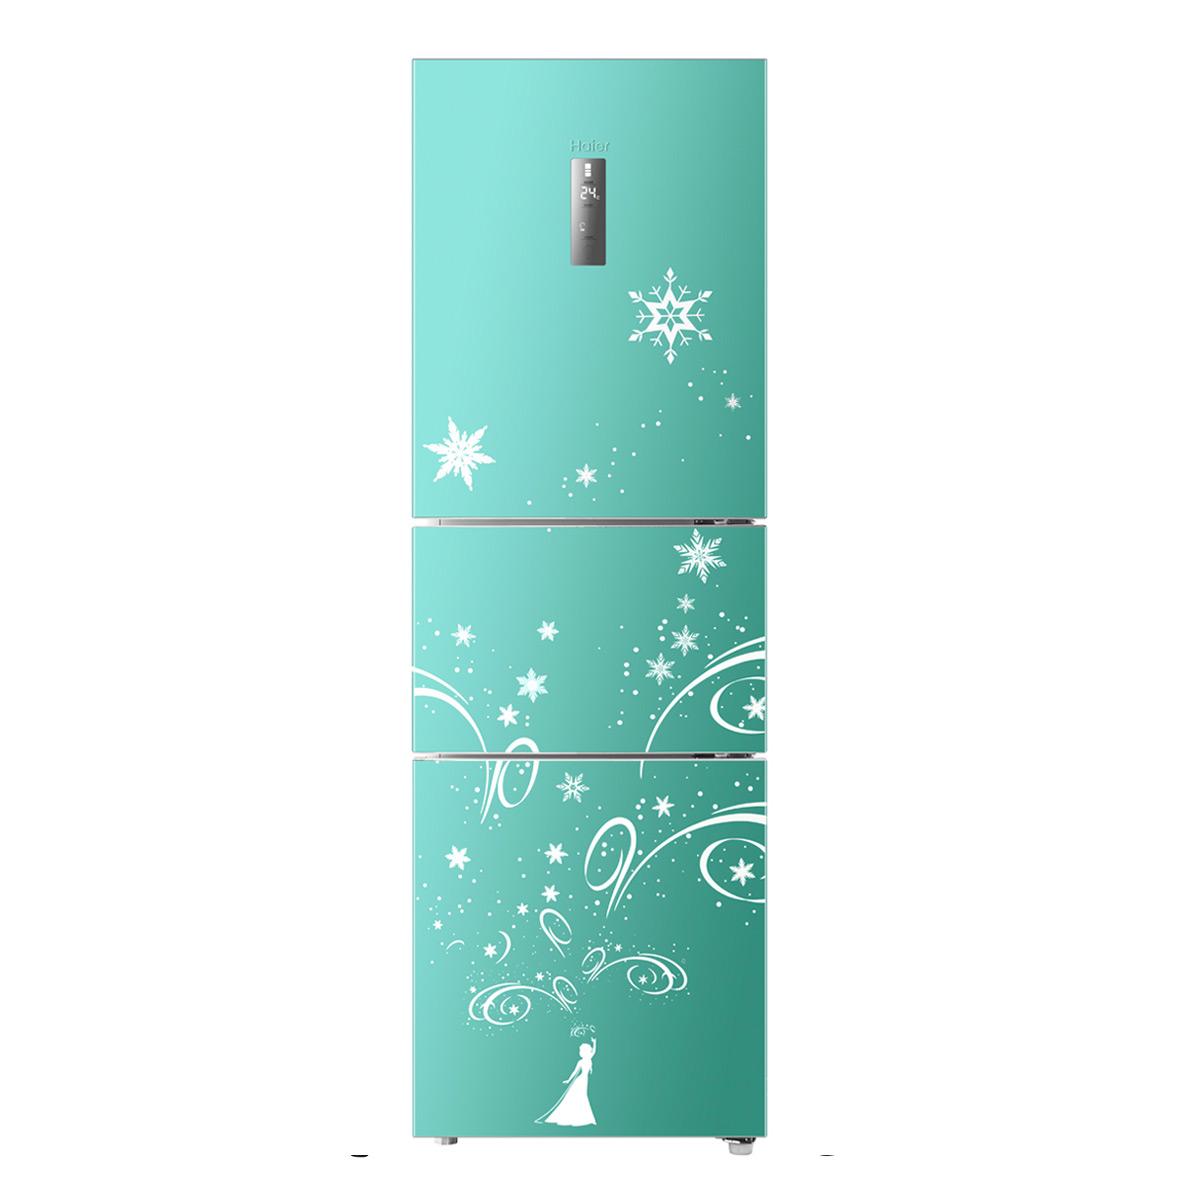 海尔Haier冰箱 BCD-216SDIA(DZ) 说明书